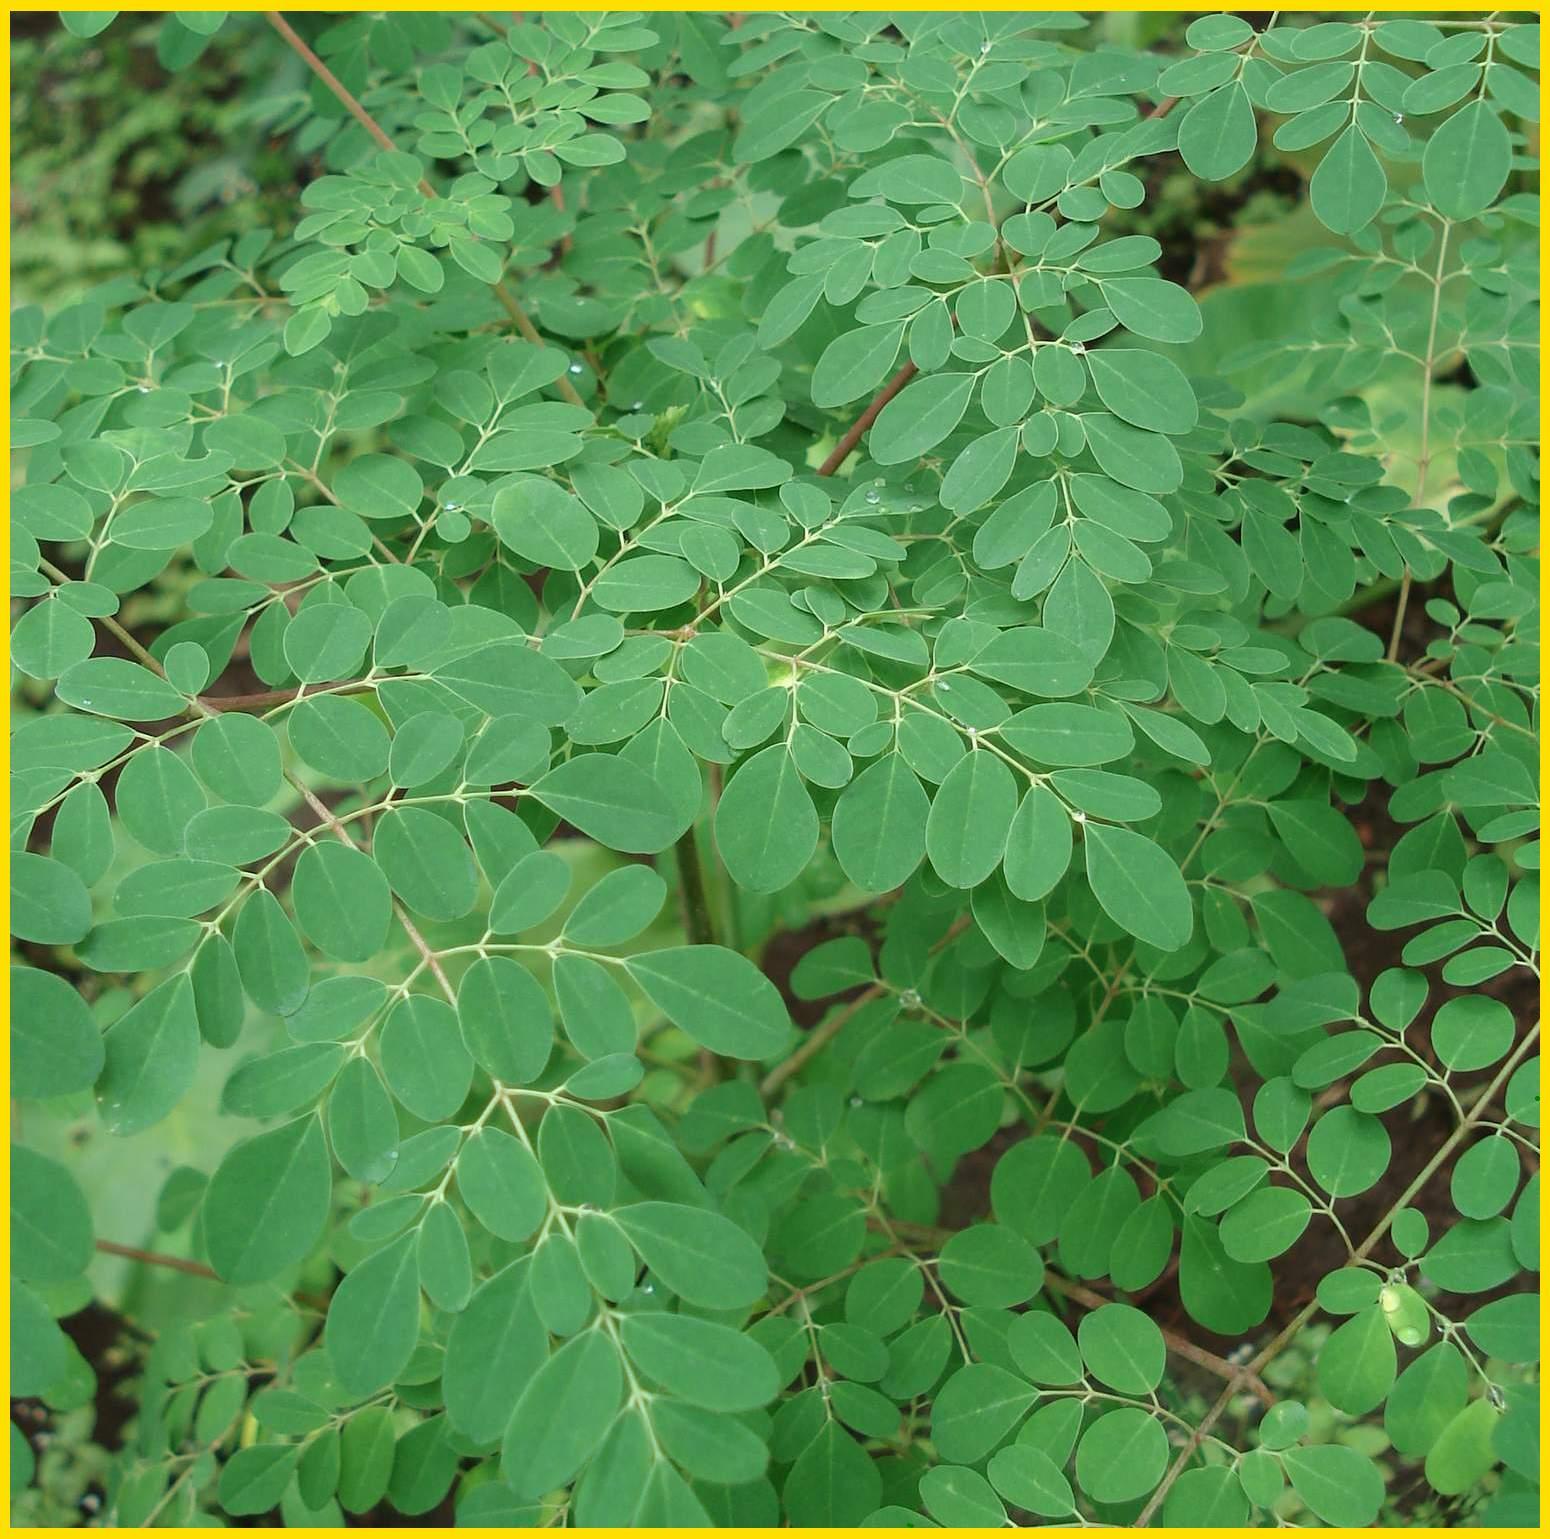 Kelor atau Moringa Oleifera ini memiliki beragam manfaat, mulai dari